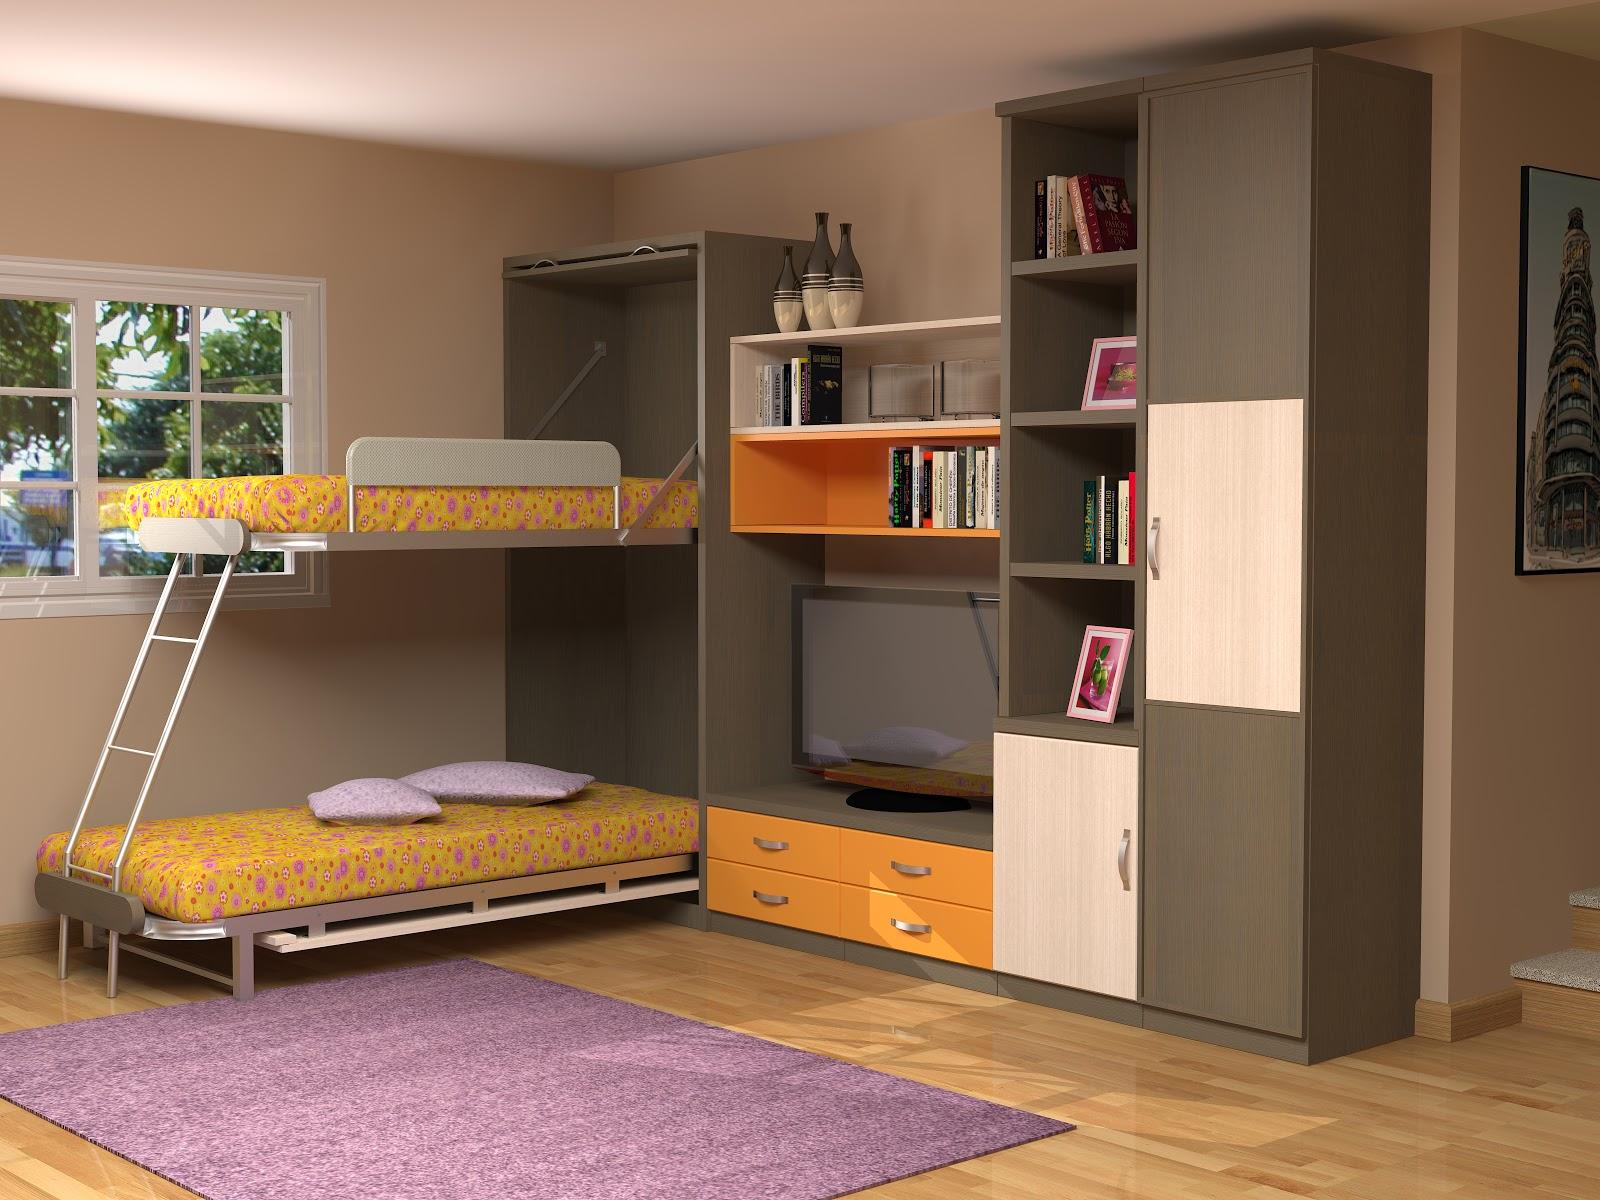 Muebles juveniles dormitorios infantiles y habitaciones juveniles en madrid litera vertical - Muebles literas abatibles ...